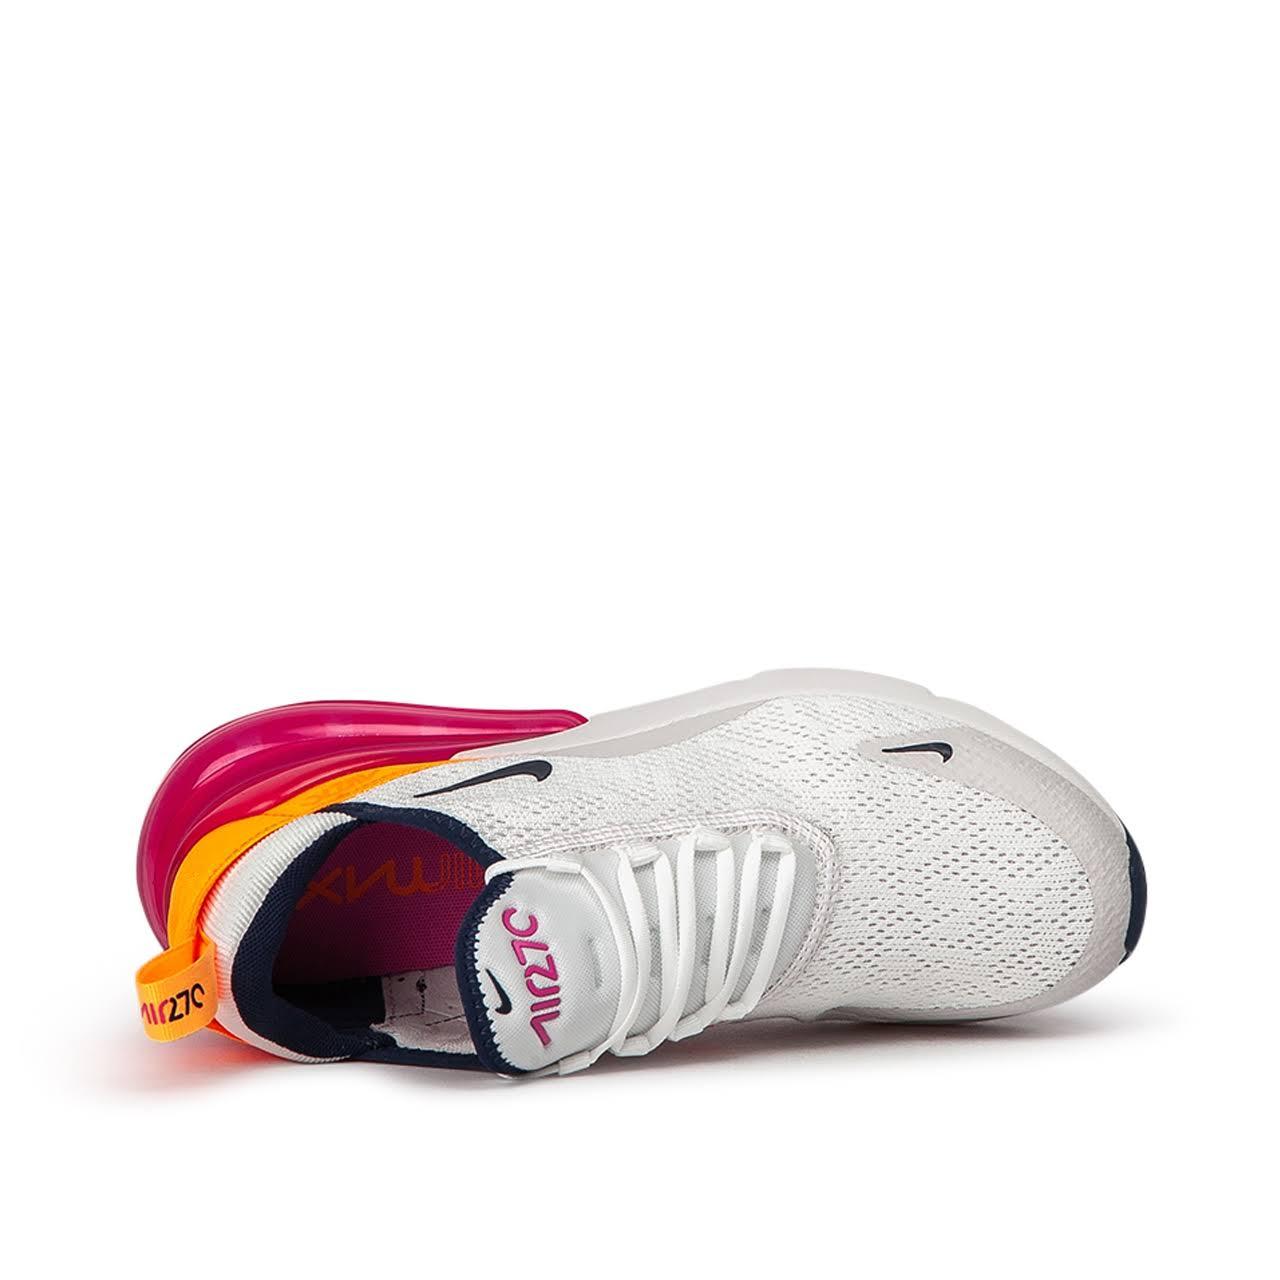 Nike Air Max 270 Laser Fuchsia (W)  QoWvgfs